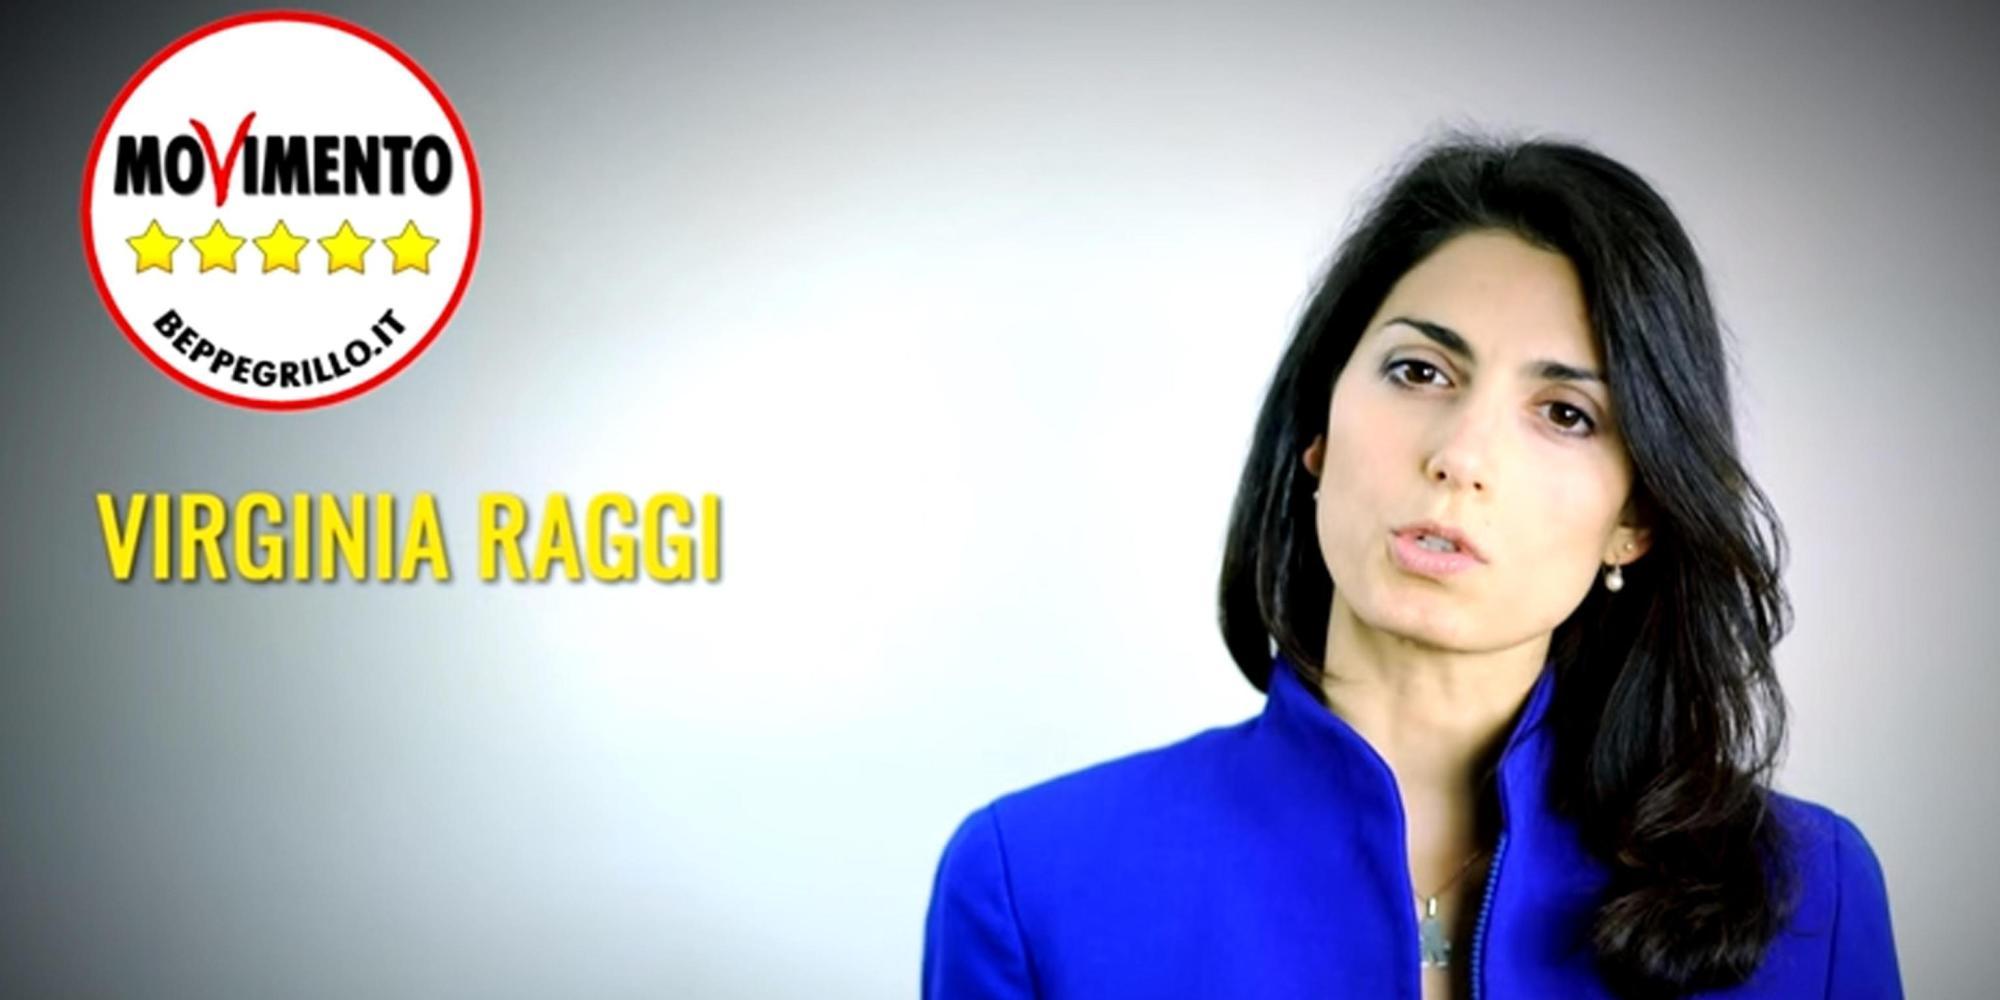 Virginia Raggi in una foto presa dalla sezione del blog di Beppe Grillo dedicata alle Comunarie per la scelta del candidato sindaco del Movimento a Roma. 18 febbraio 2016. ANSA/ BLOG BEPPE GRILLO +++ NO SALES - EDITORIAL USE ONLY +++